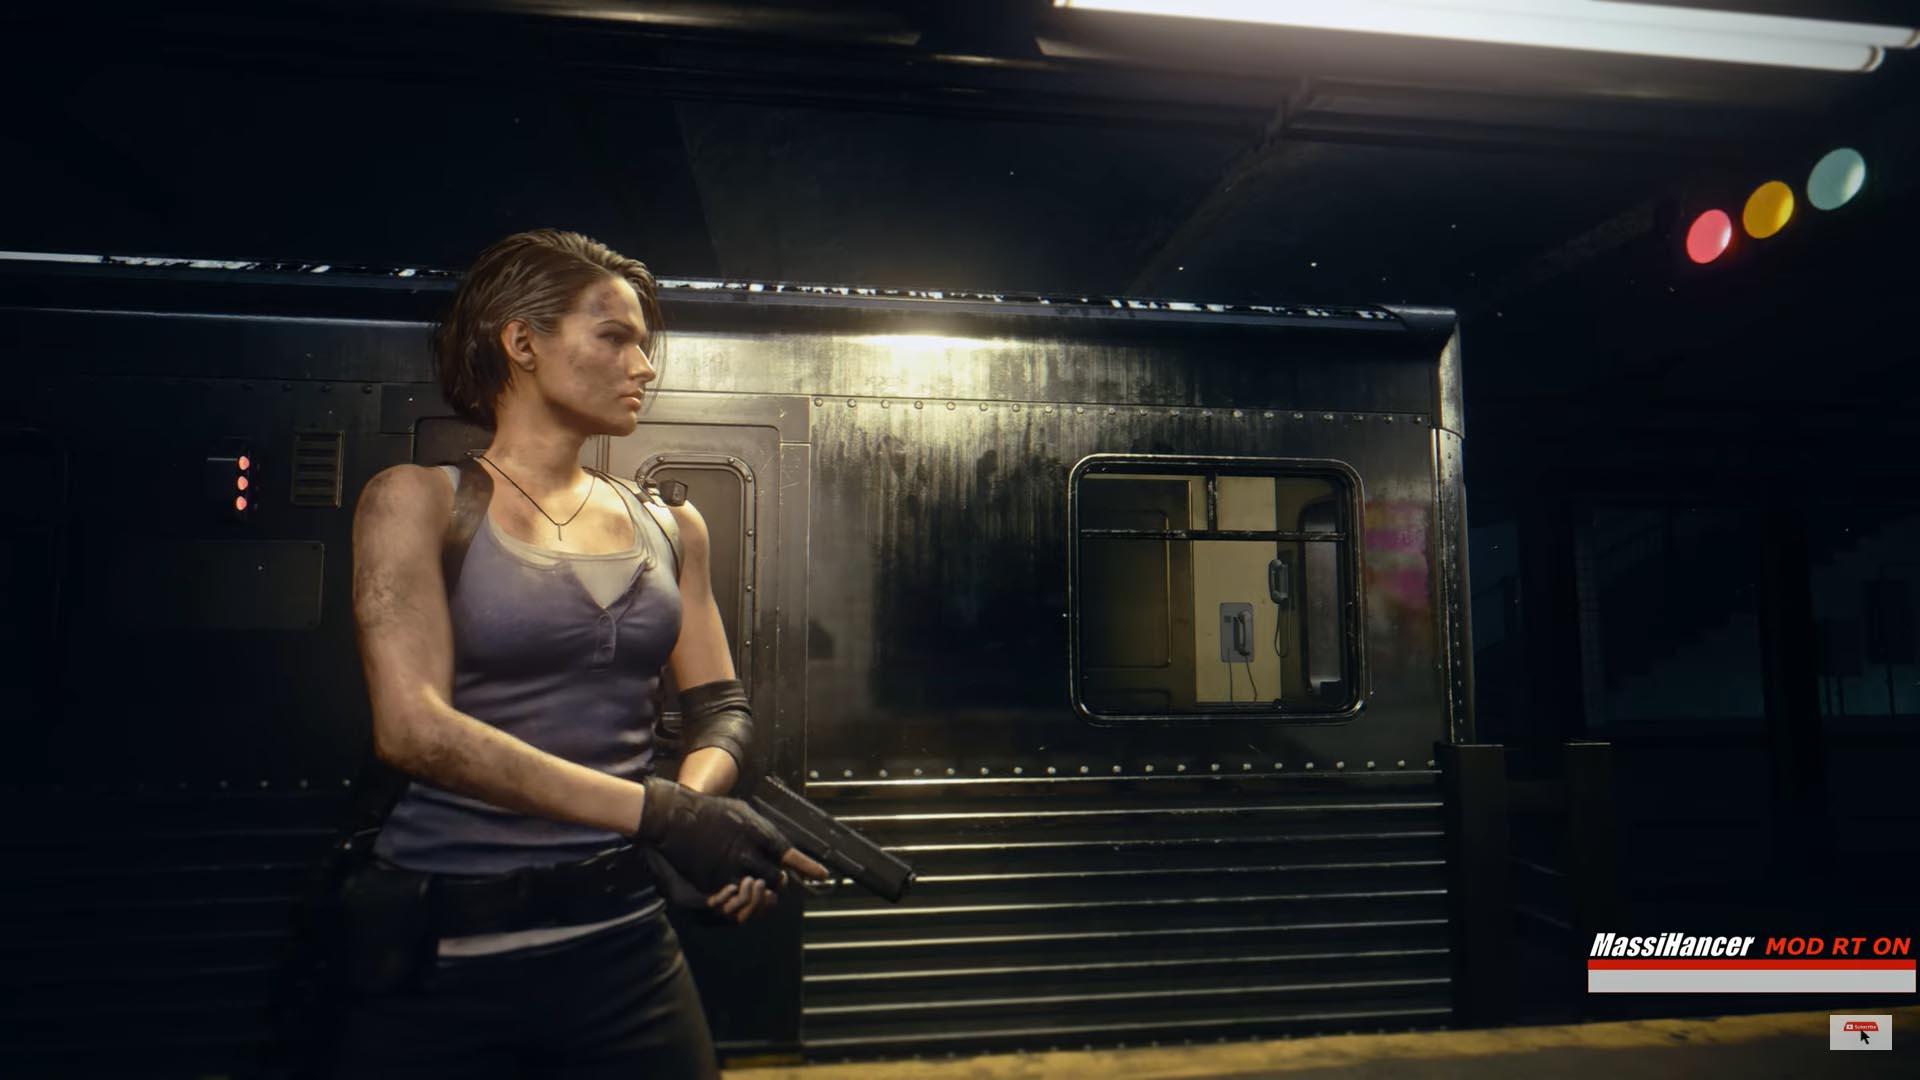 تحديث Reshade للعبة Resident Evil 3 تأثيرات تتبع الأشعة AMD NVIDIA Ray tracing